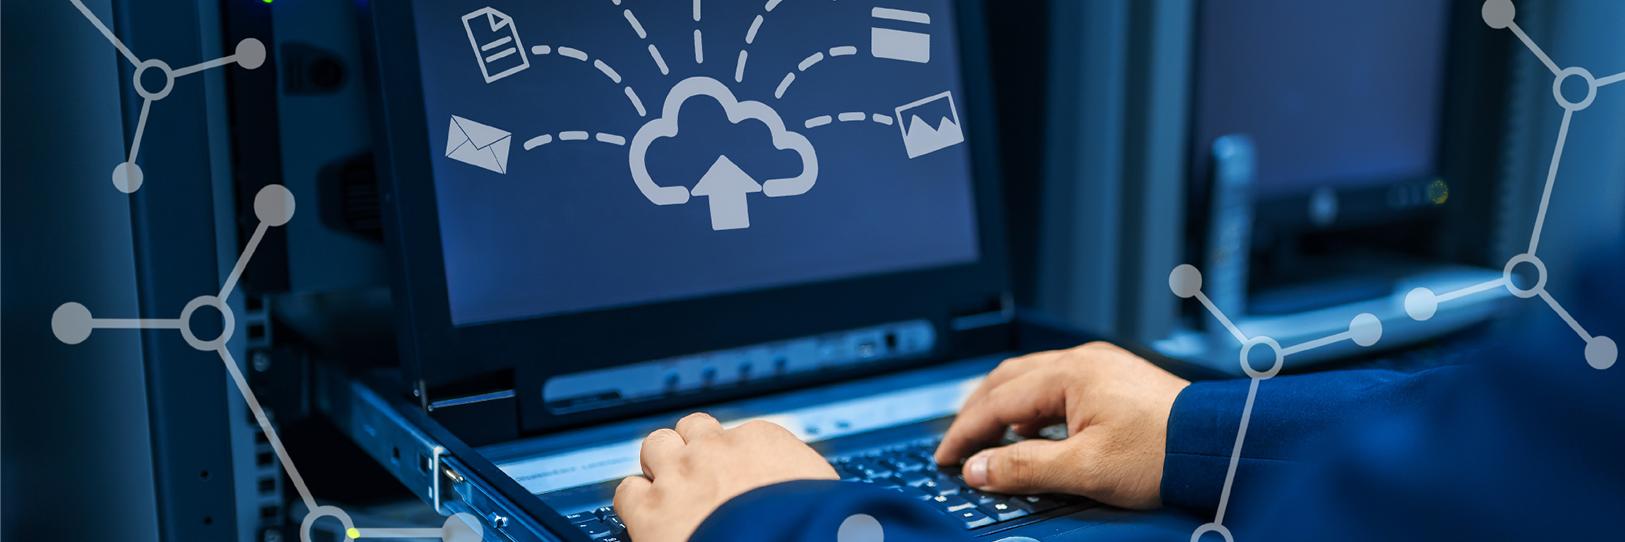 3 Risky Scenarios of Online Application Sharing